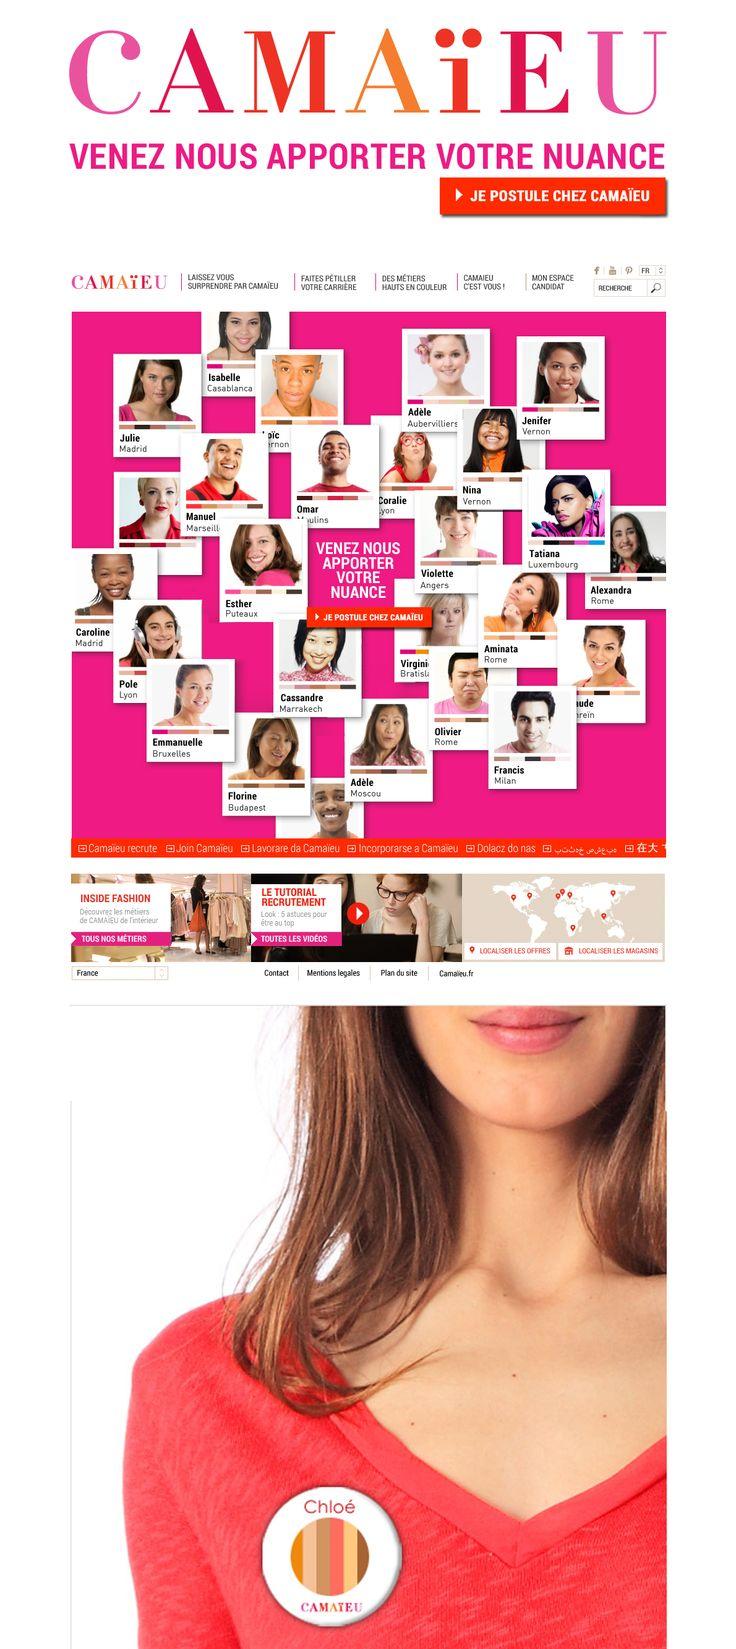 CAMAÏEU  Campagne 360 de recrutement sur toute l'europe Conception en binôme avec Esther Maarek (conceptrice rédactrice)  http://www.camaieu.fr/job/default.aspx  Client : Camaïeu Agence : Havas Worldwide